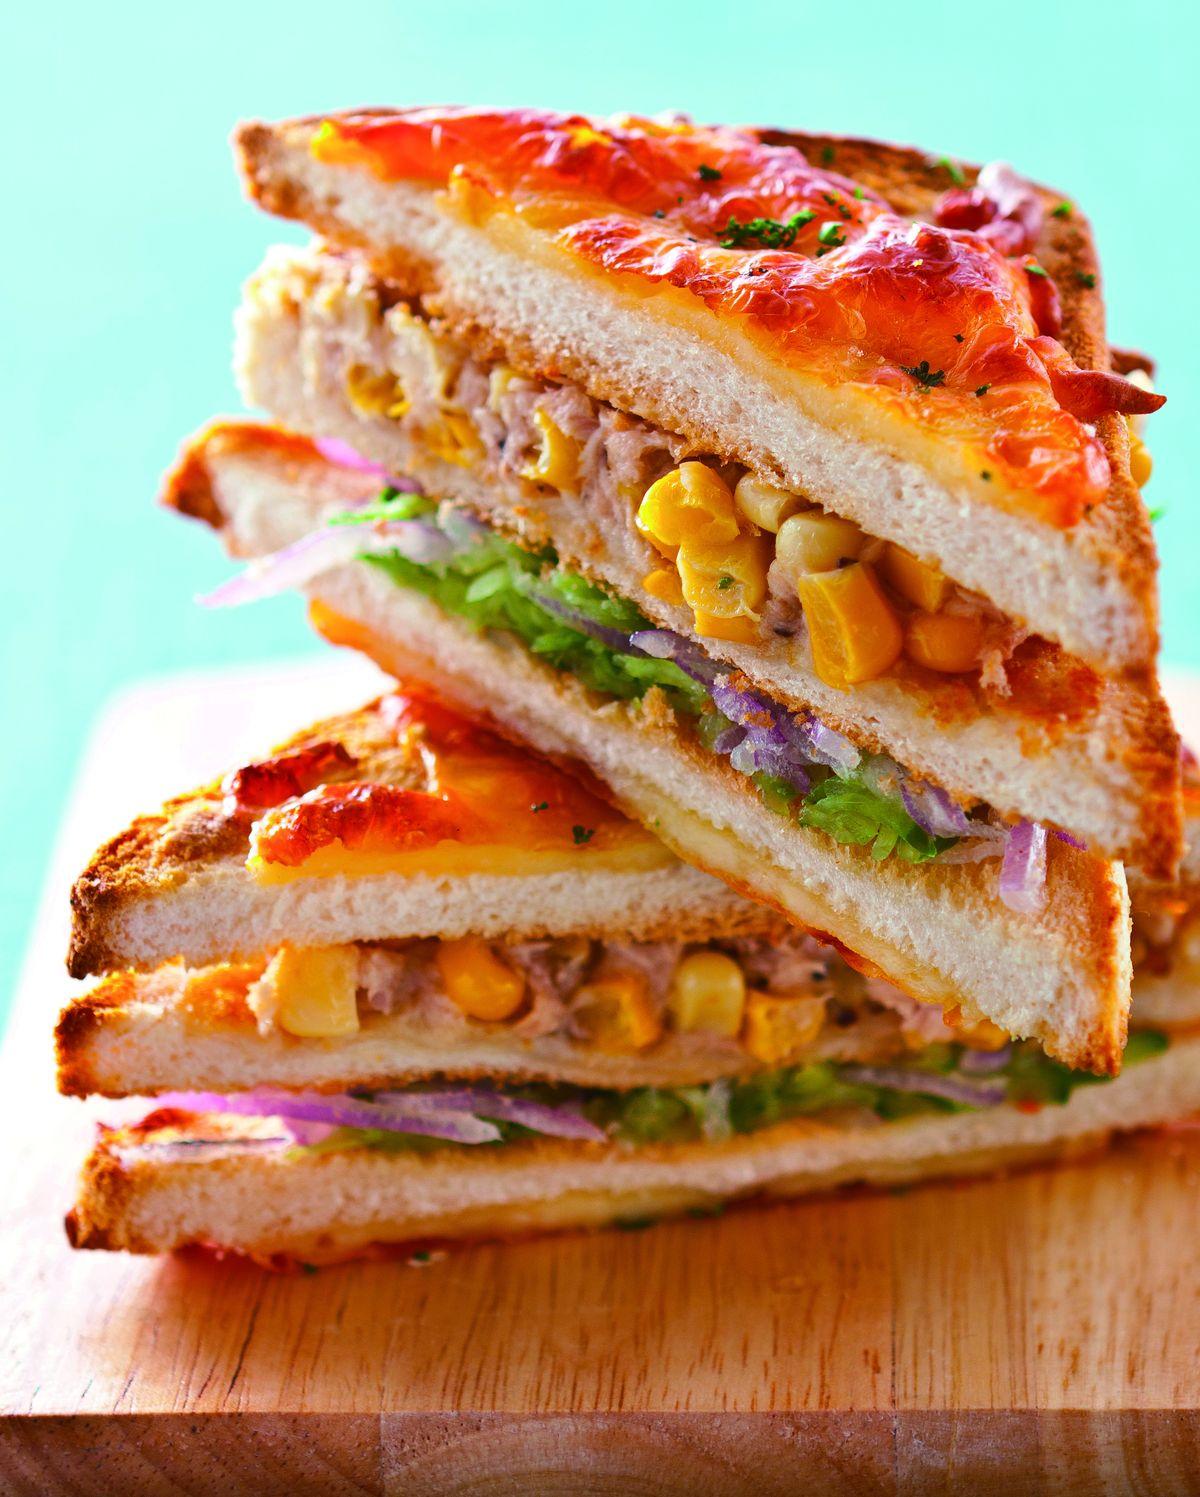 【食譜】焗烤鮪魚玉米三明治:www.ytower.com.tw